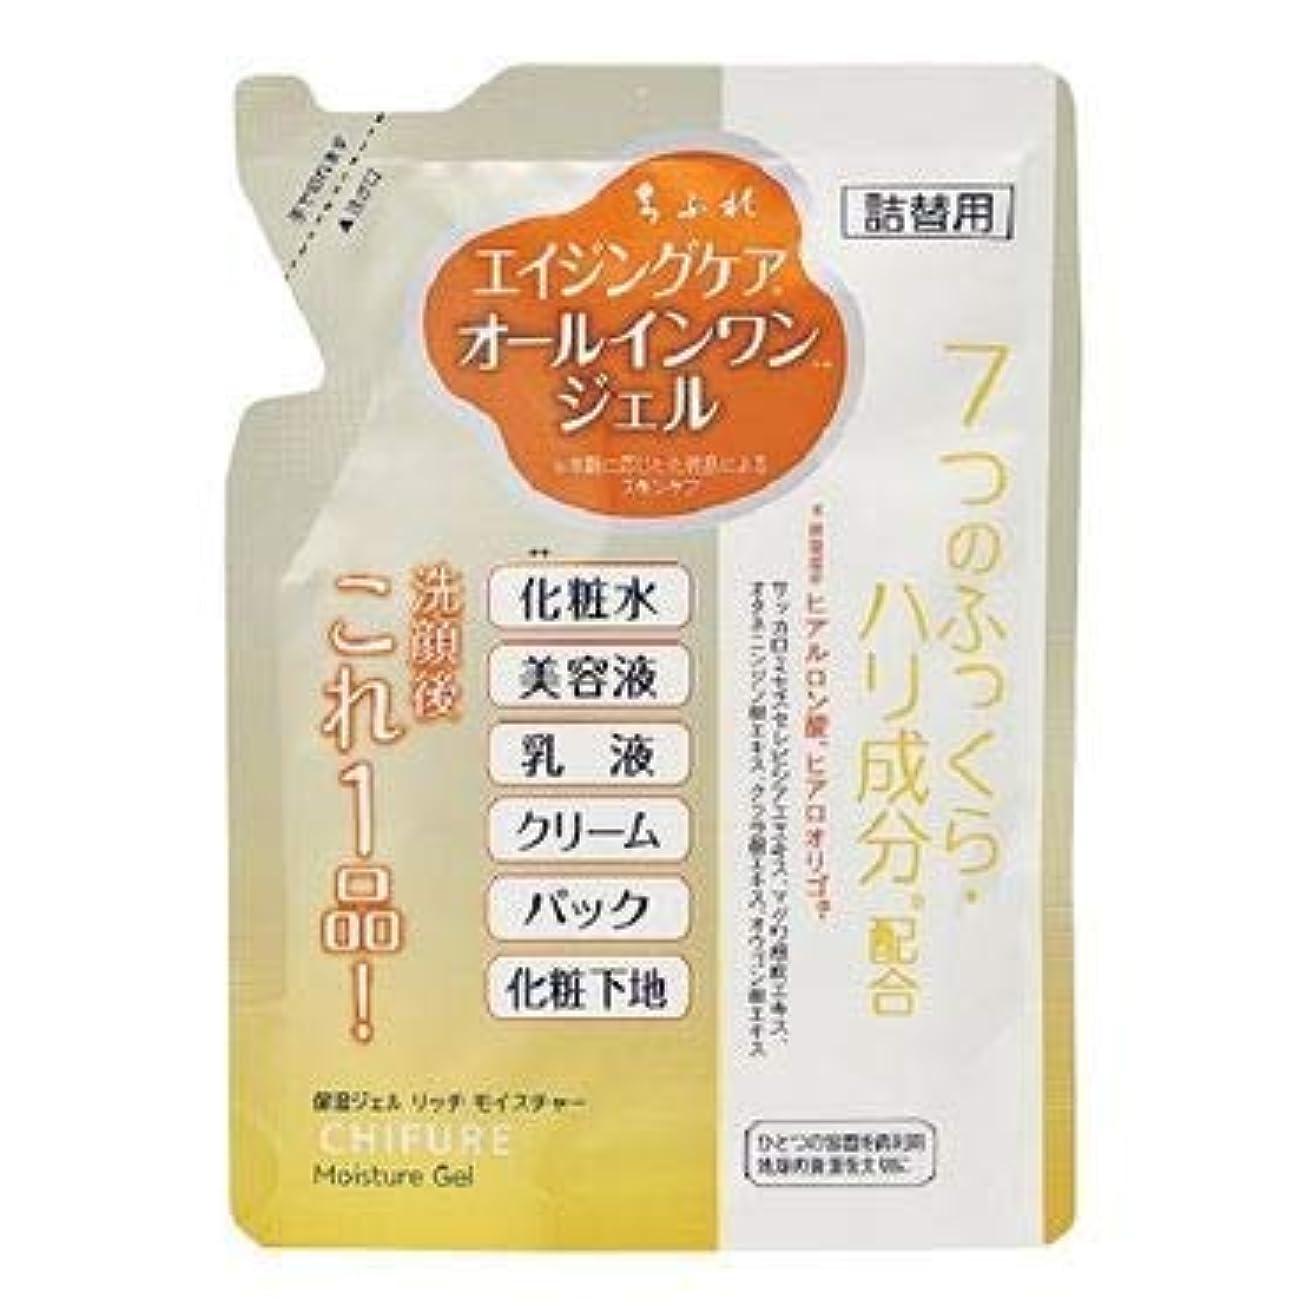 トランペット素人送信するちふれ化粧品 保湿ジェル リッチモイスチャータイプ 108g (詰替)